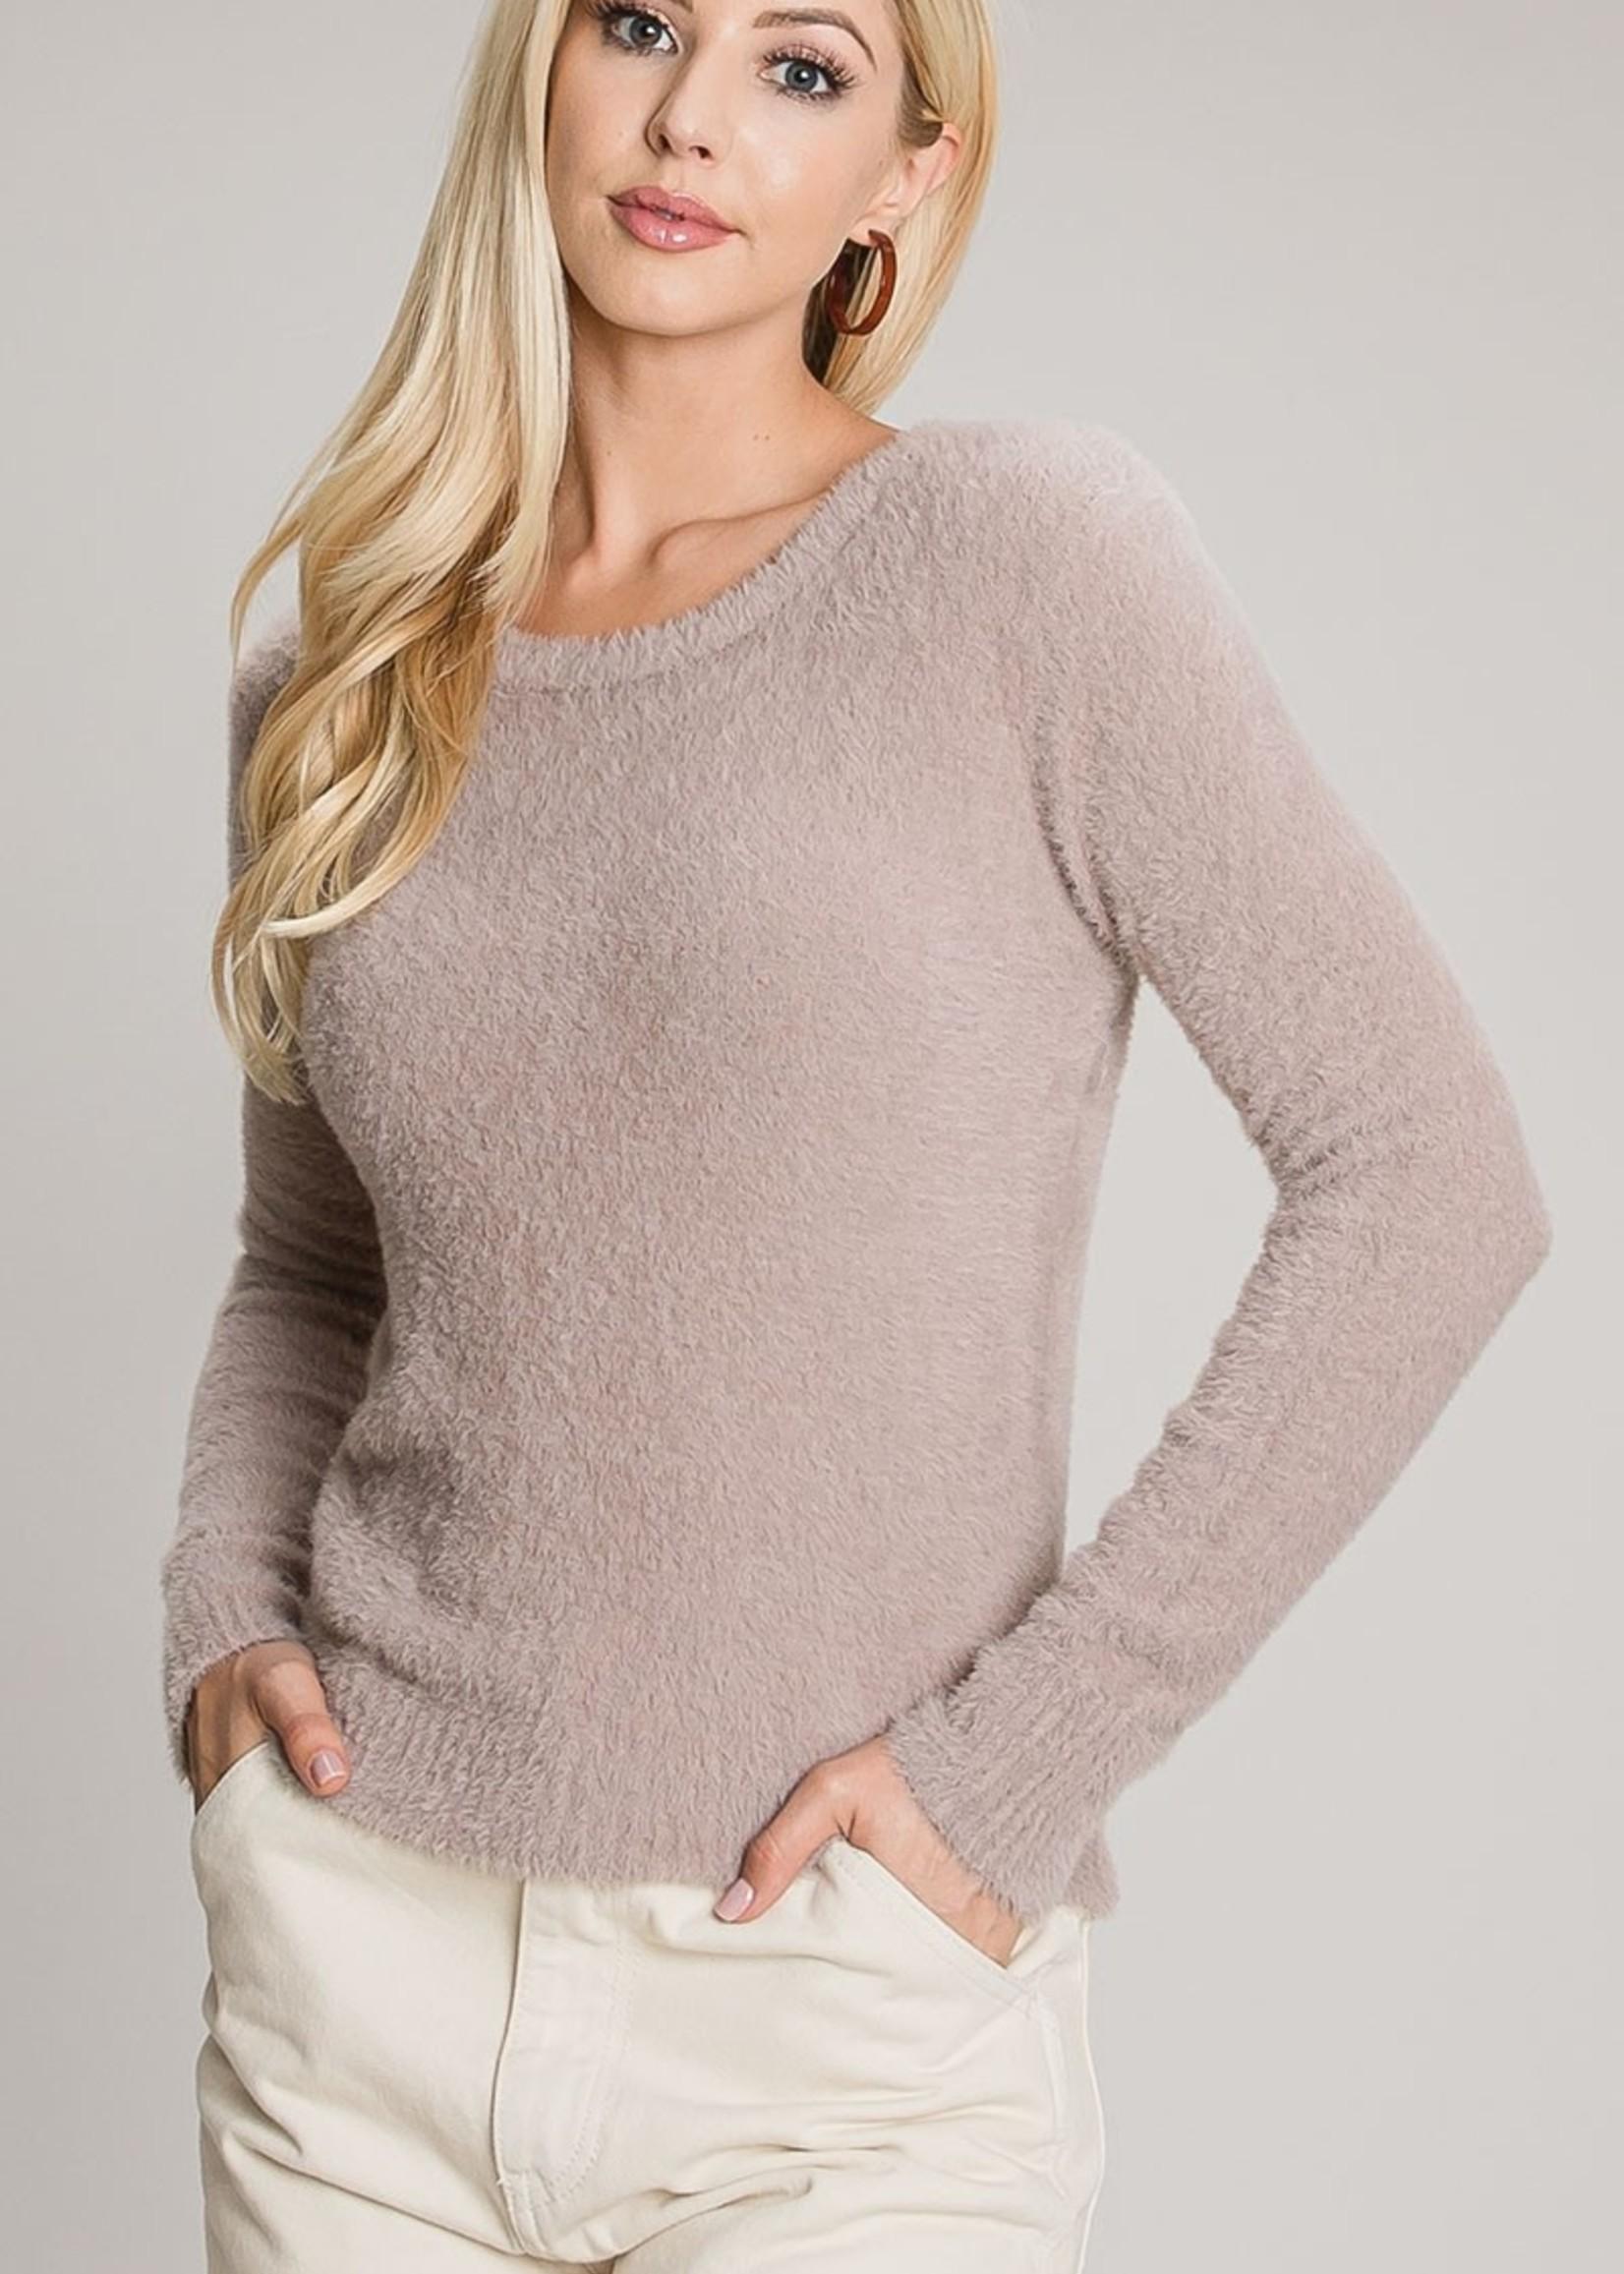 Fuzzy Soft Crewneck Sweater - Dusty Mauve